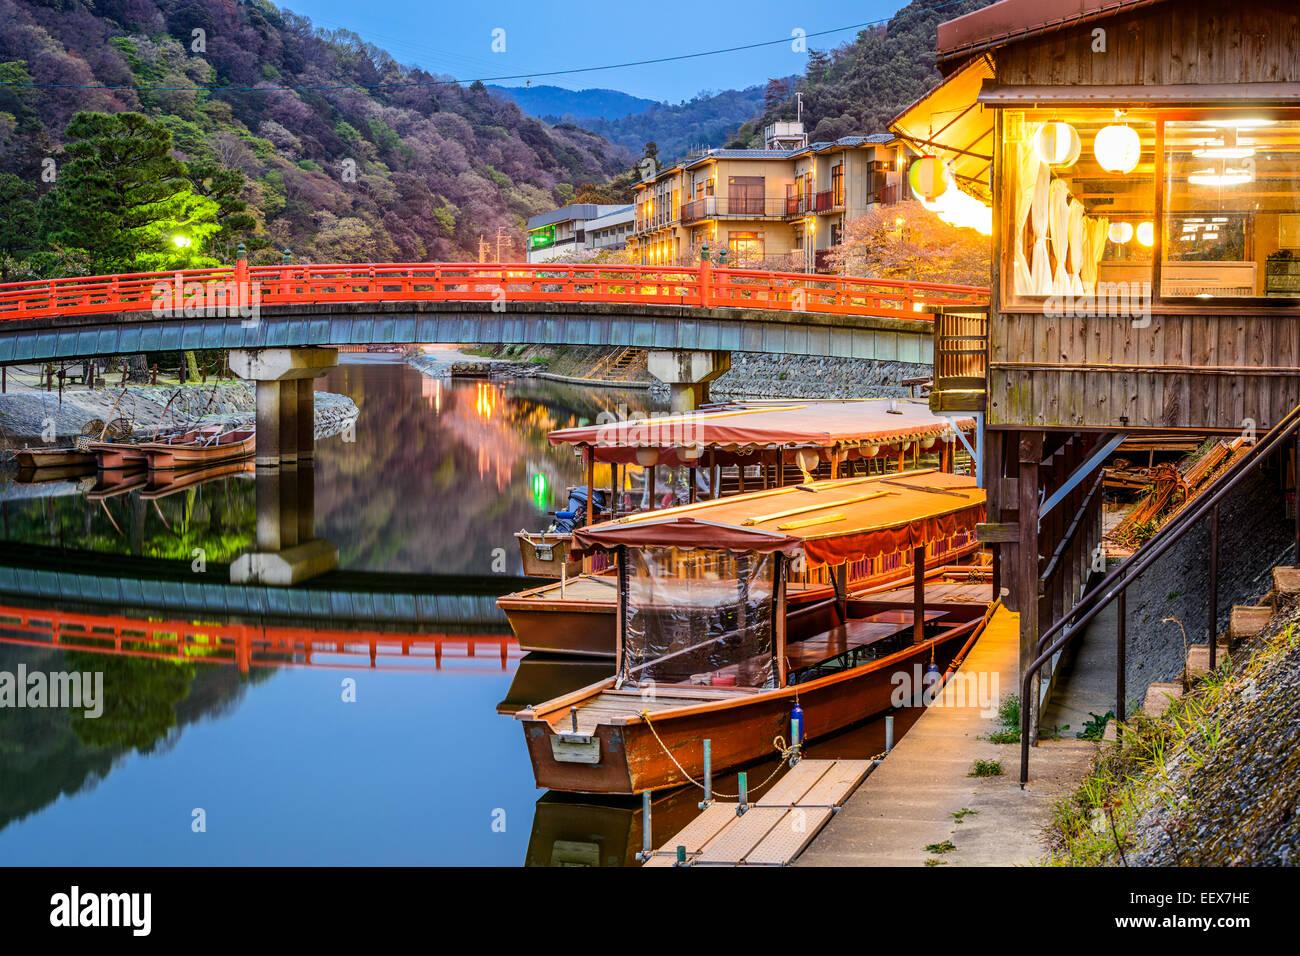 Uji, prefettura di Kyoto, Giappone sul fiume Ujigawa. Immagini Stock